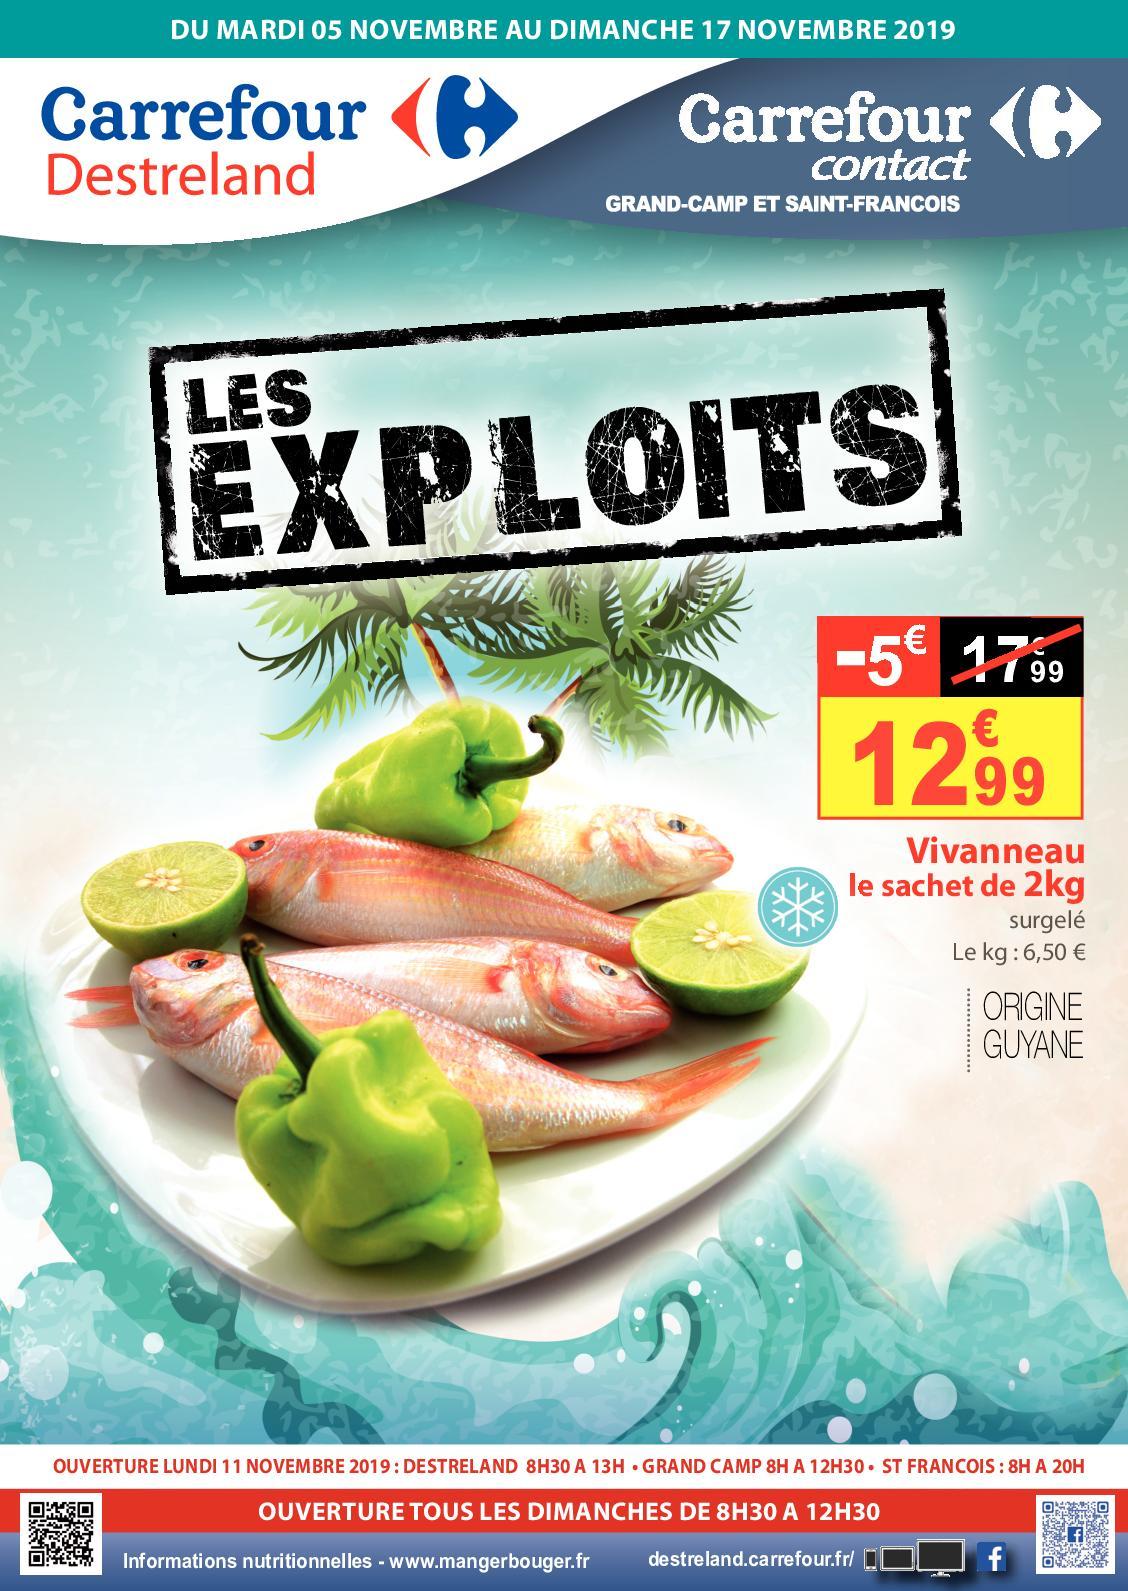 Calaméo - Catalogue Les Exploits - Novembre 2019 encequiconcerne Salon Jardin Resine Carrefour